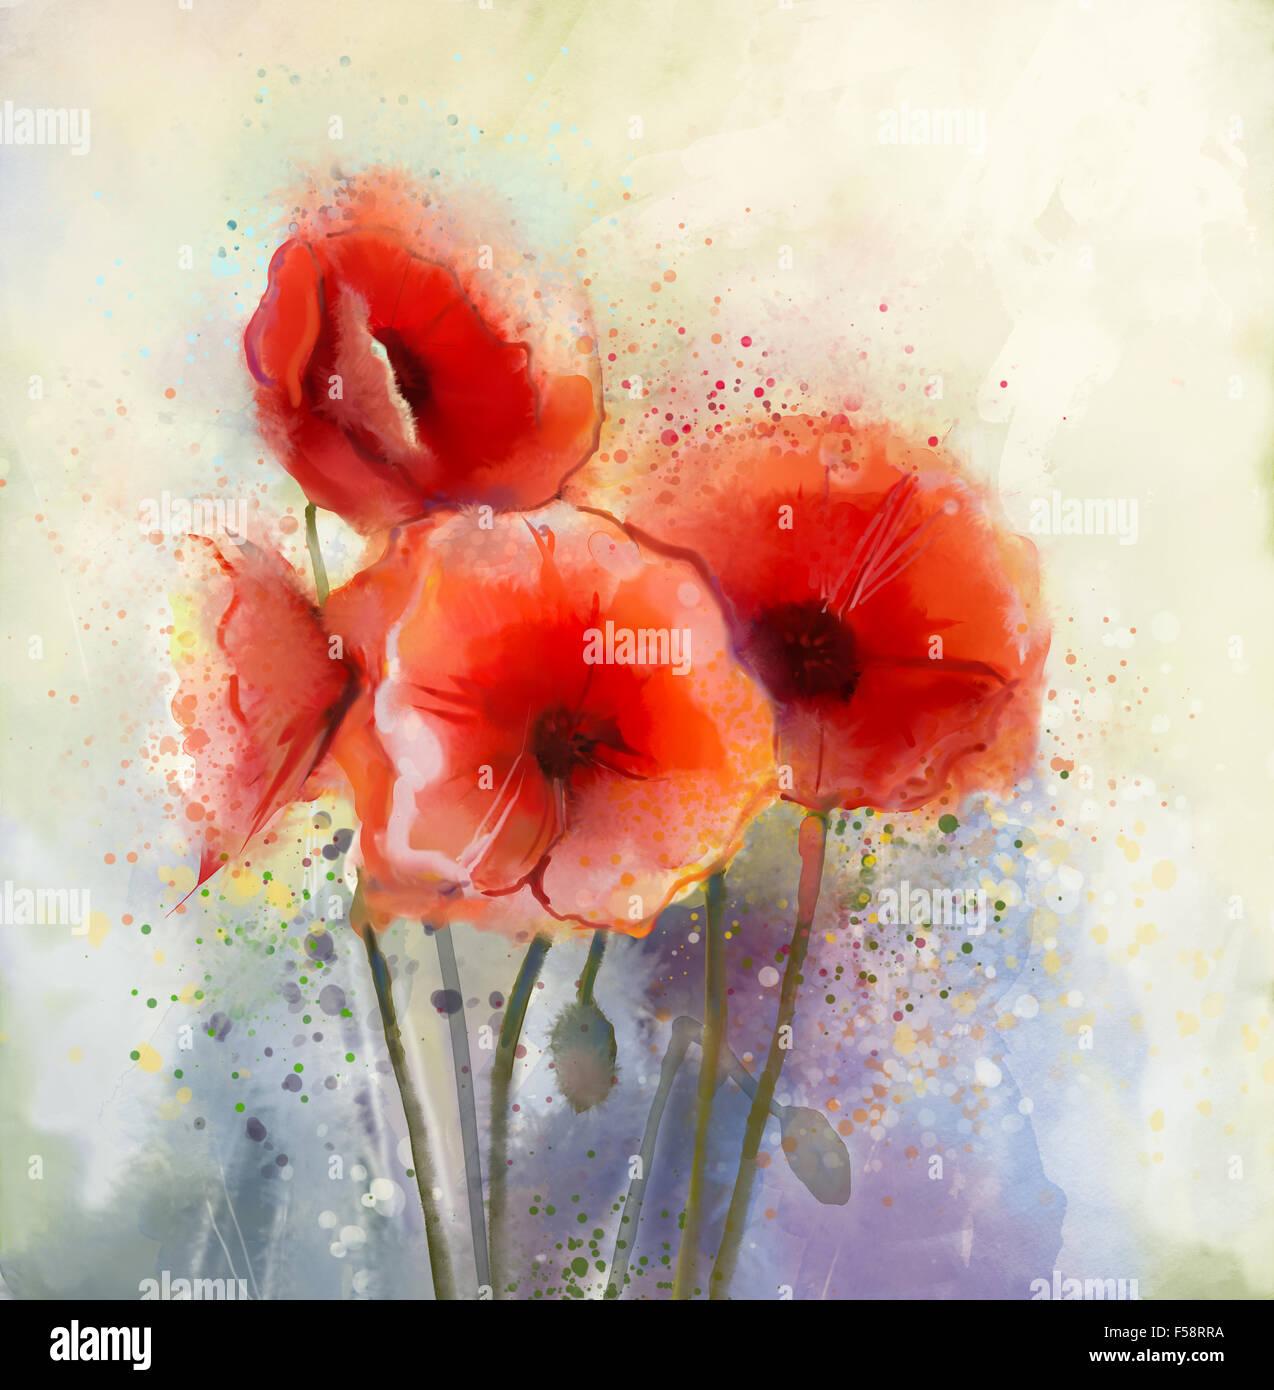 Wasser Farbe Rot Mohnblume Blumen Malen Blüten In Zarten Farbe Und